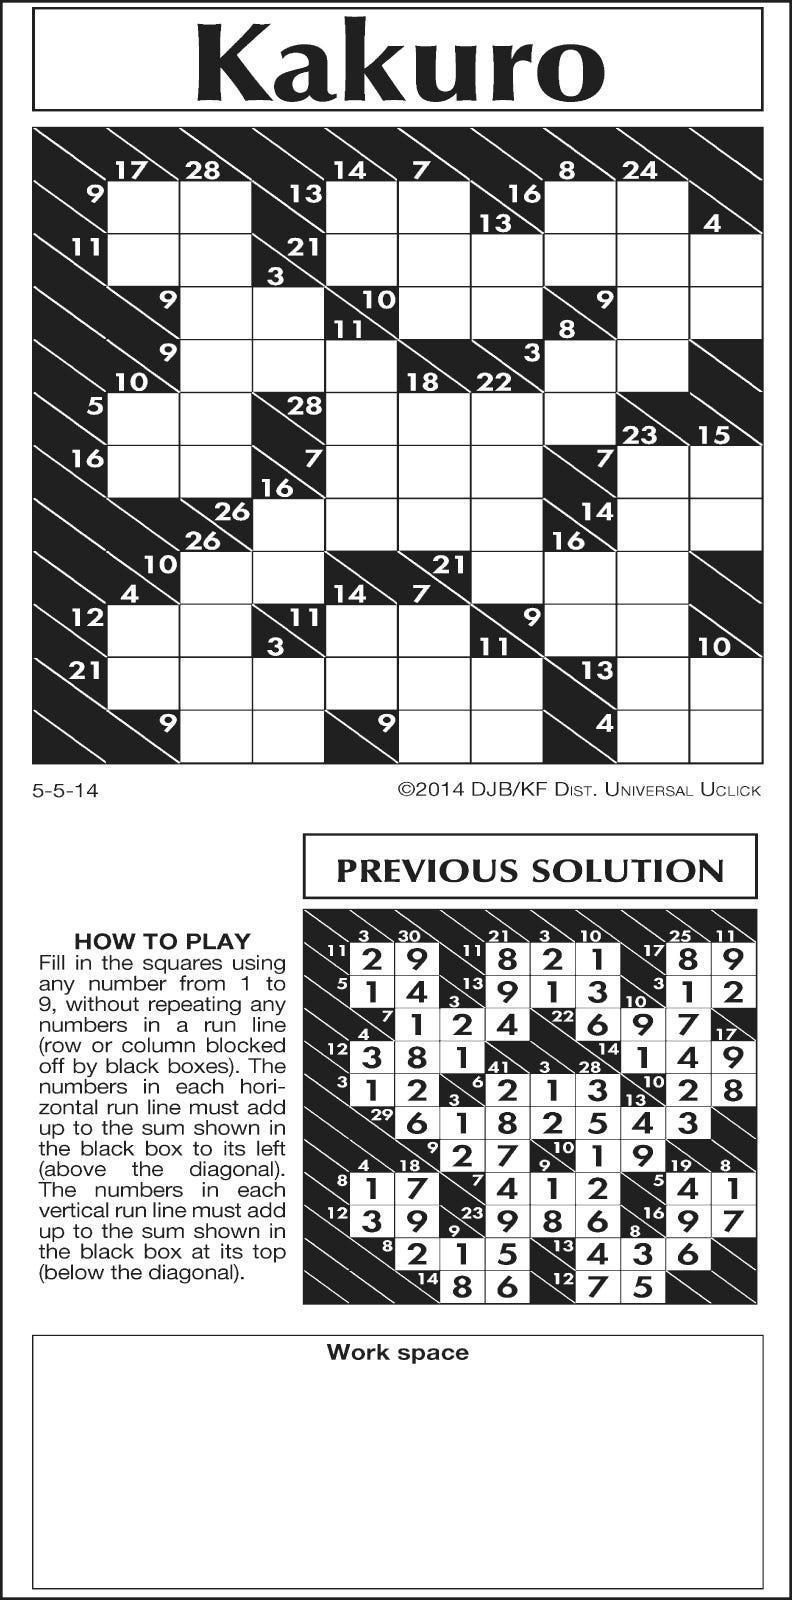 photograph relating to Kakuro Printable named Mondays dropped Kakuro puzzle